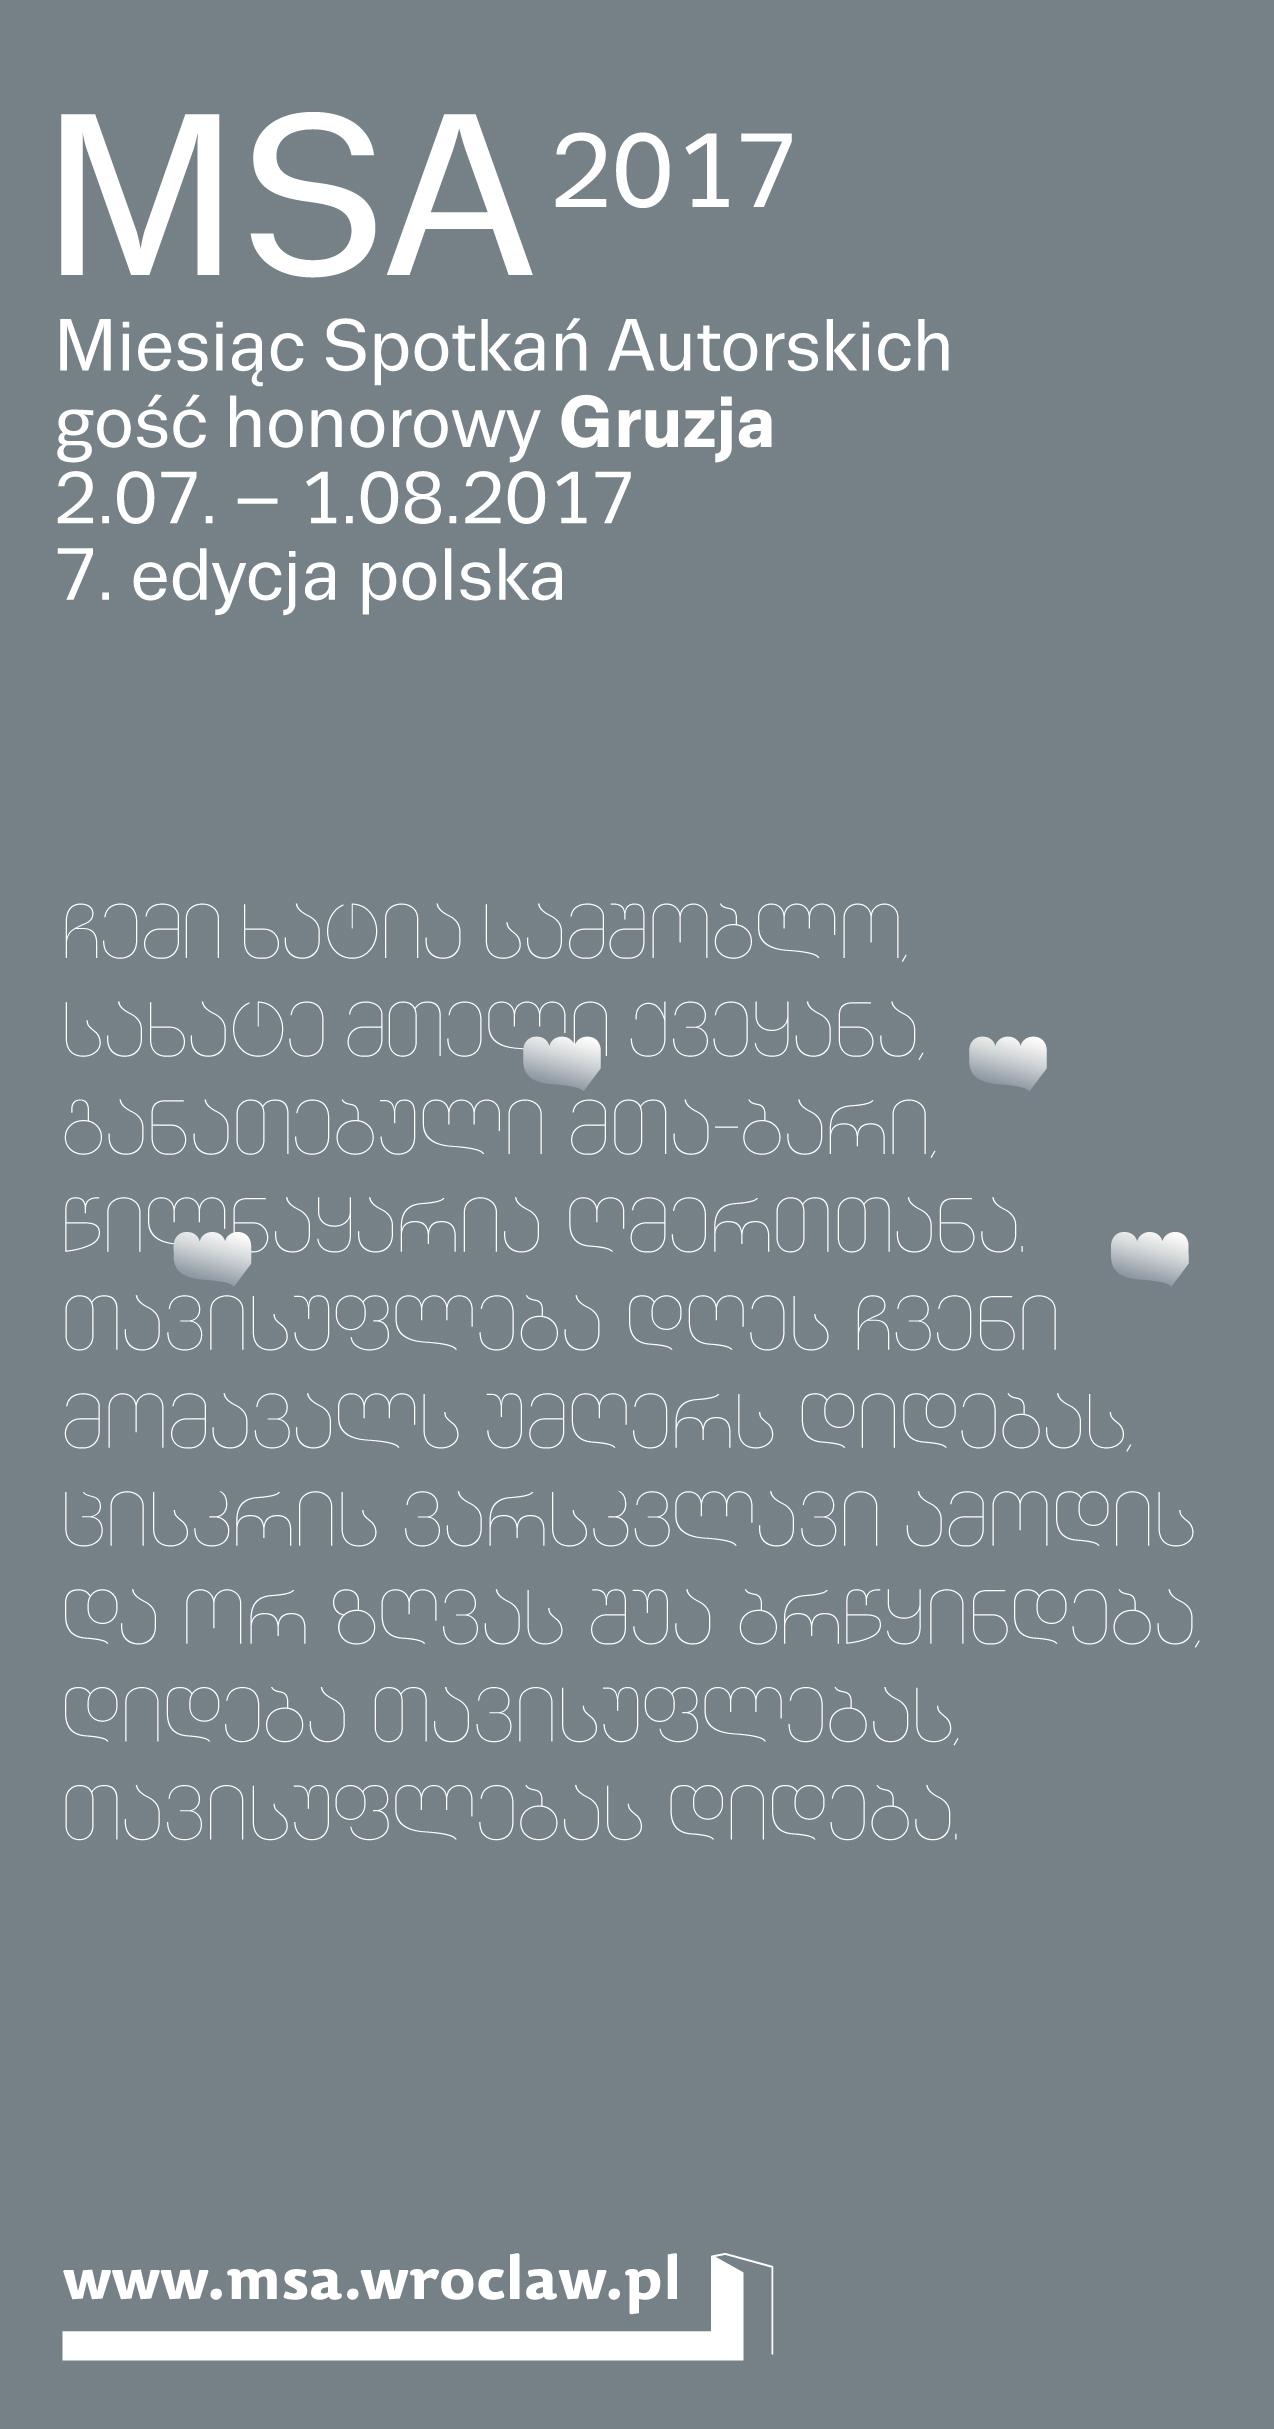 Miesiąc Spotkań Autorskich we Wrocławiu (źródło: materiały prasowe organizatora)